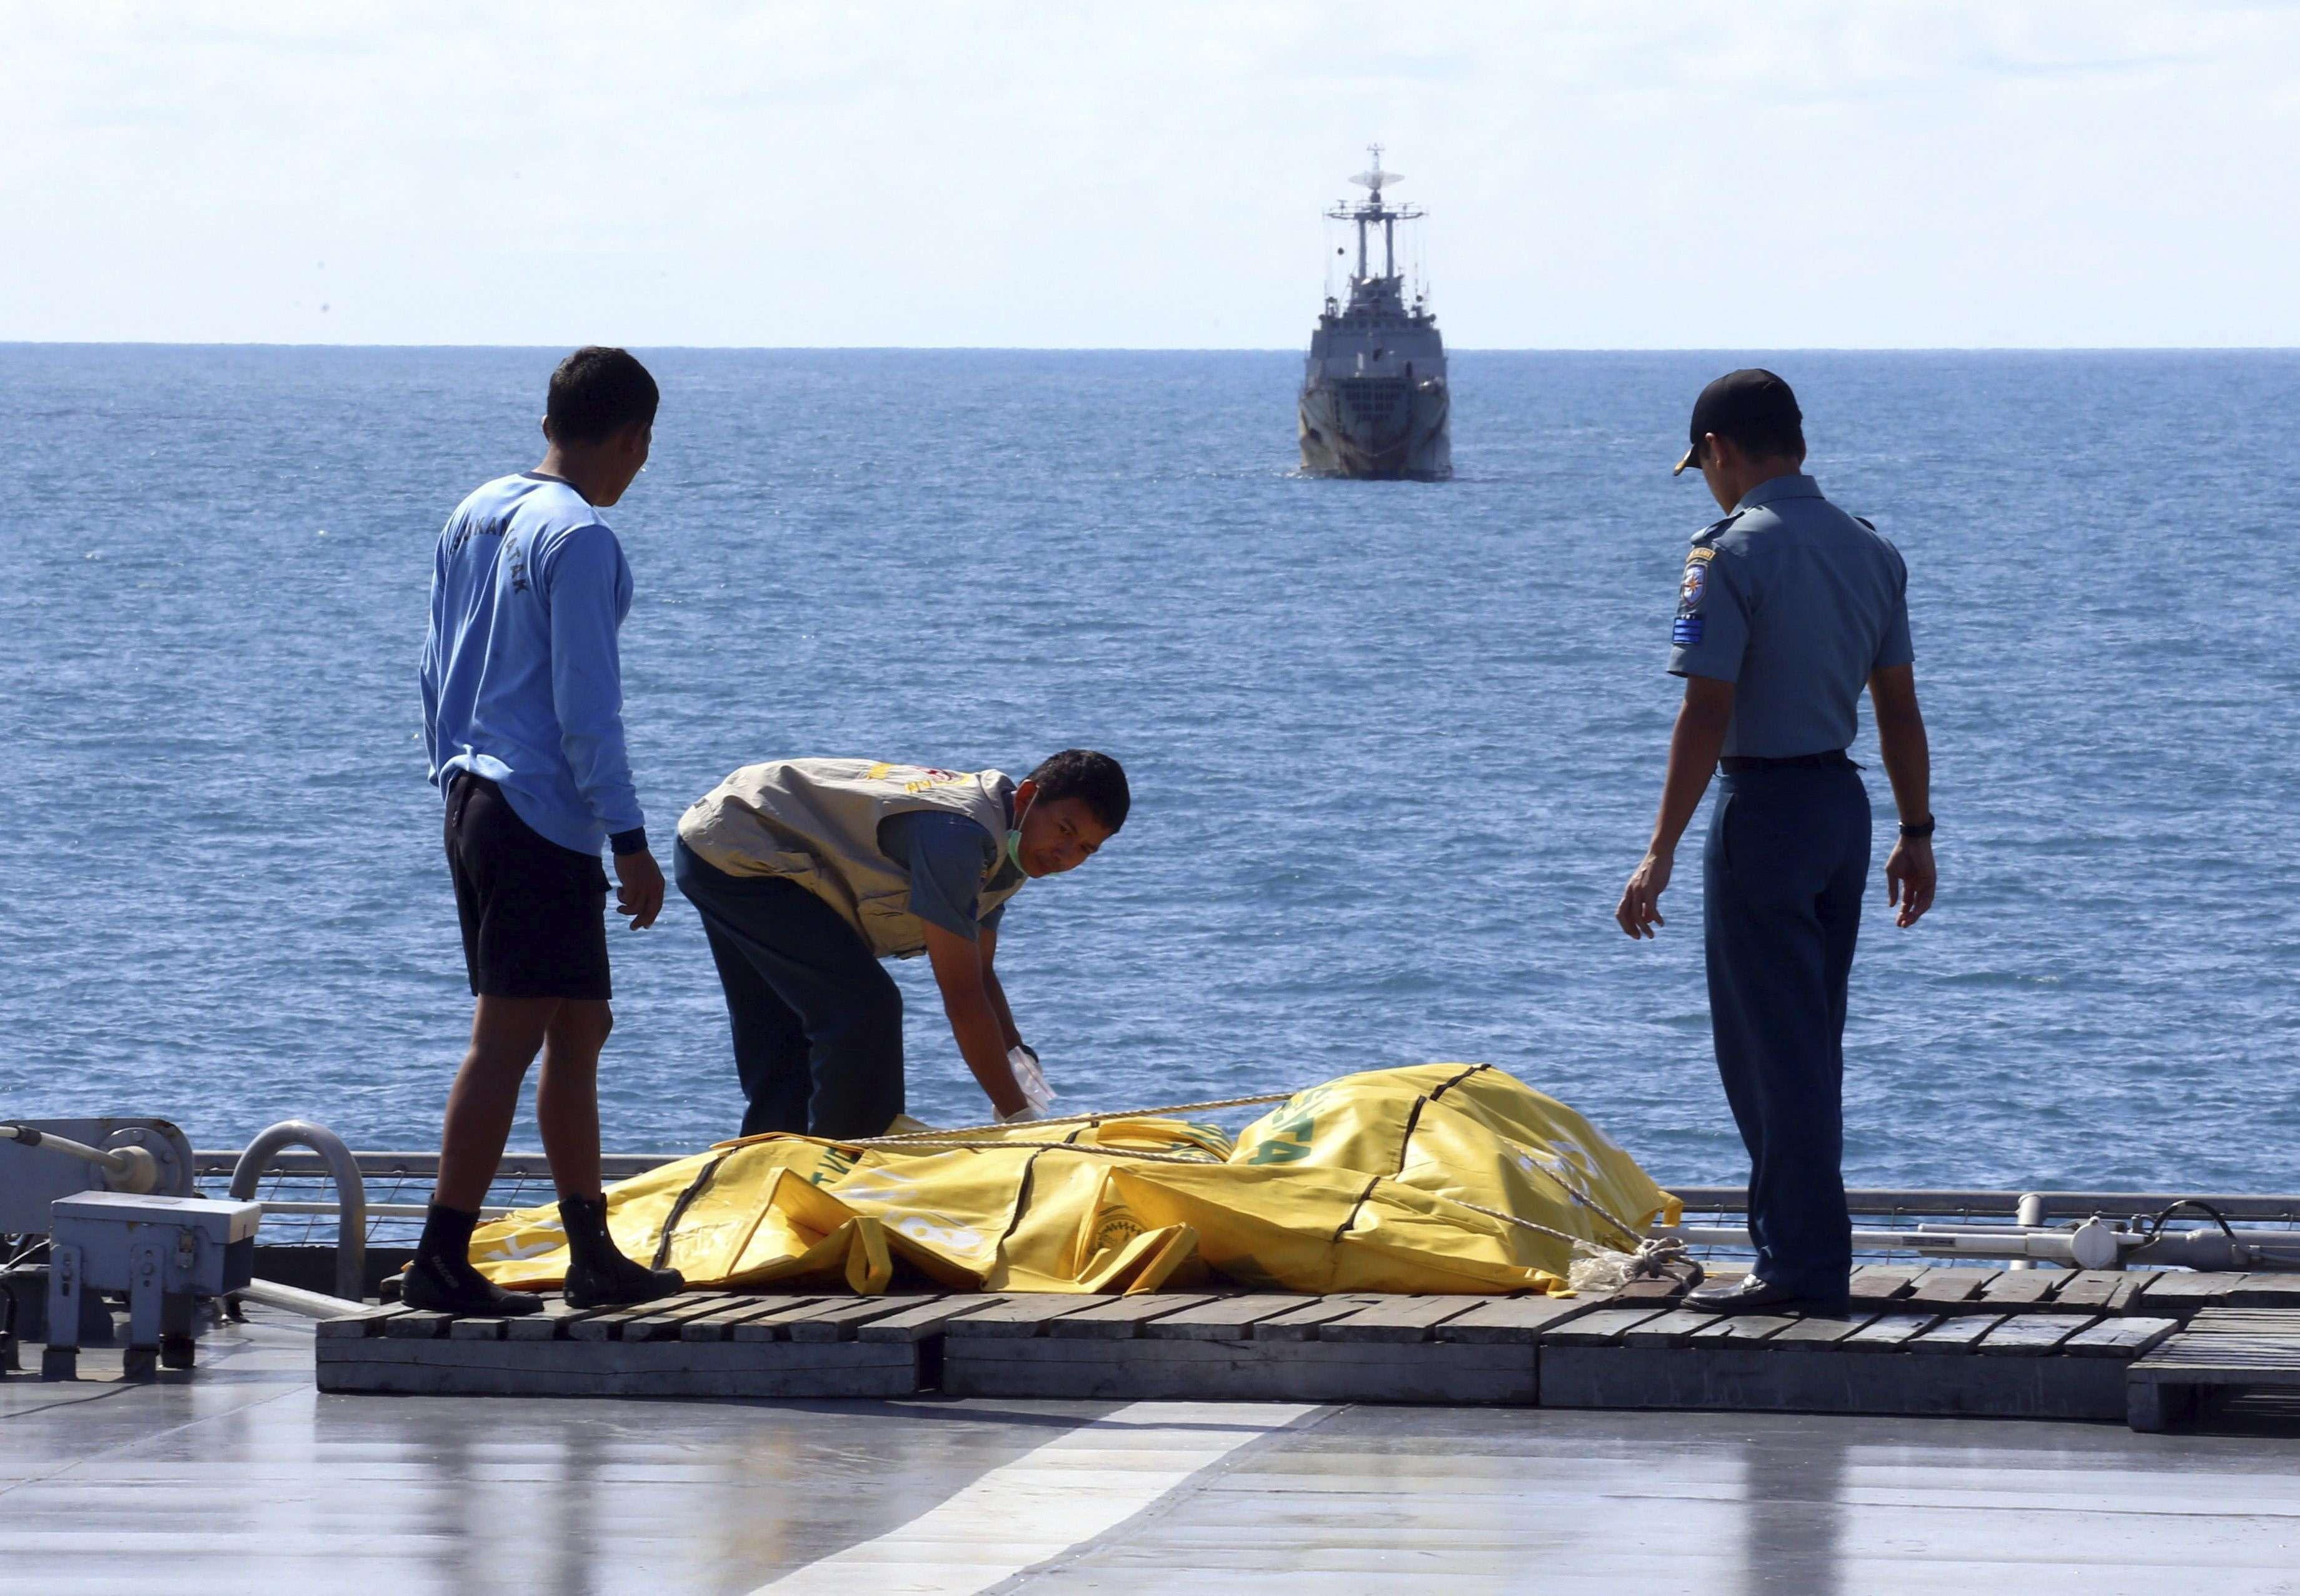 Miembros de los servicios de rescate continúan con la recuperación de los cuerpos de las víctimas del vuelo QZ8501 de AirAsia en Pangkalan Bun (Indonesia), el viernes 23 de enero de 2015. Foto: EFE en español